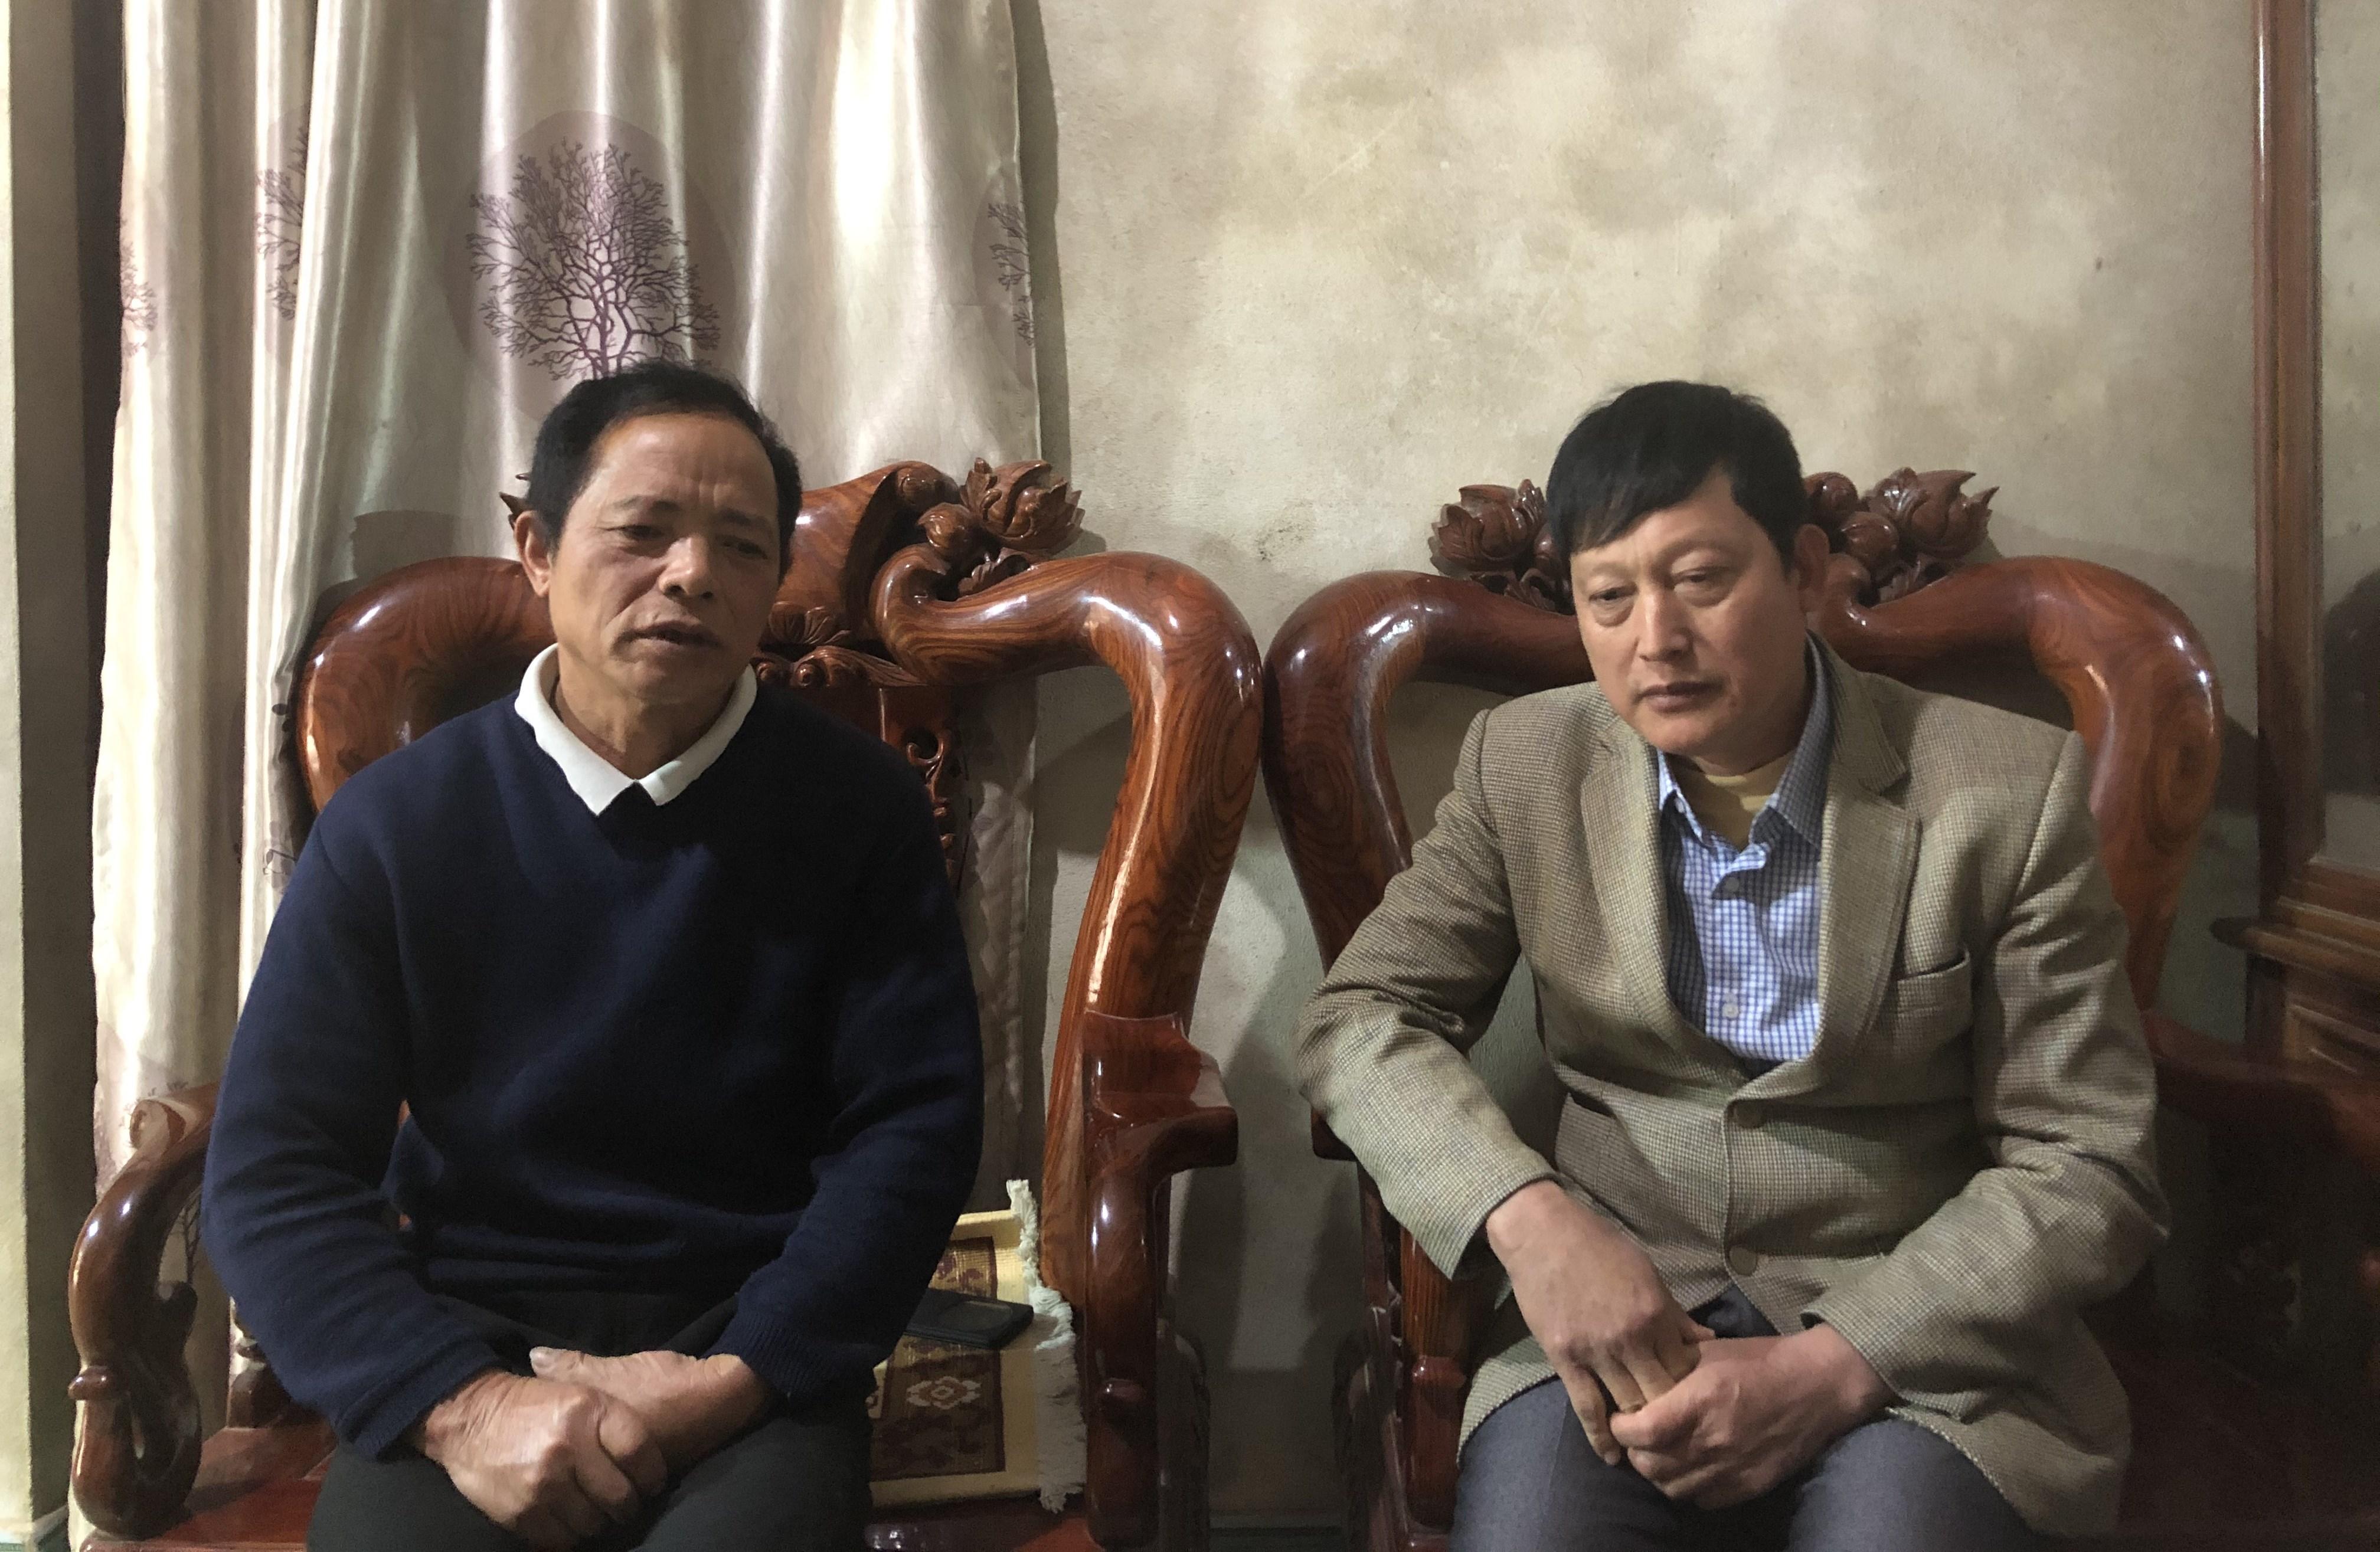 Ông Đinh Văn Chung (bên trái), Người có uy tín xóm Nà Khoang, thị trấn Quốc Hùng đang canh cánh nỗi lo trách nhiệm sẽ nặng nề hơn sau khi sáp nhập thôn bản.